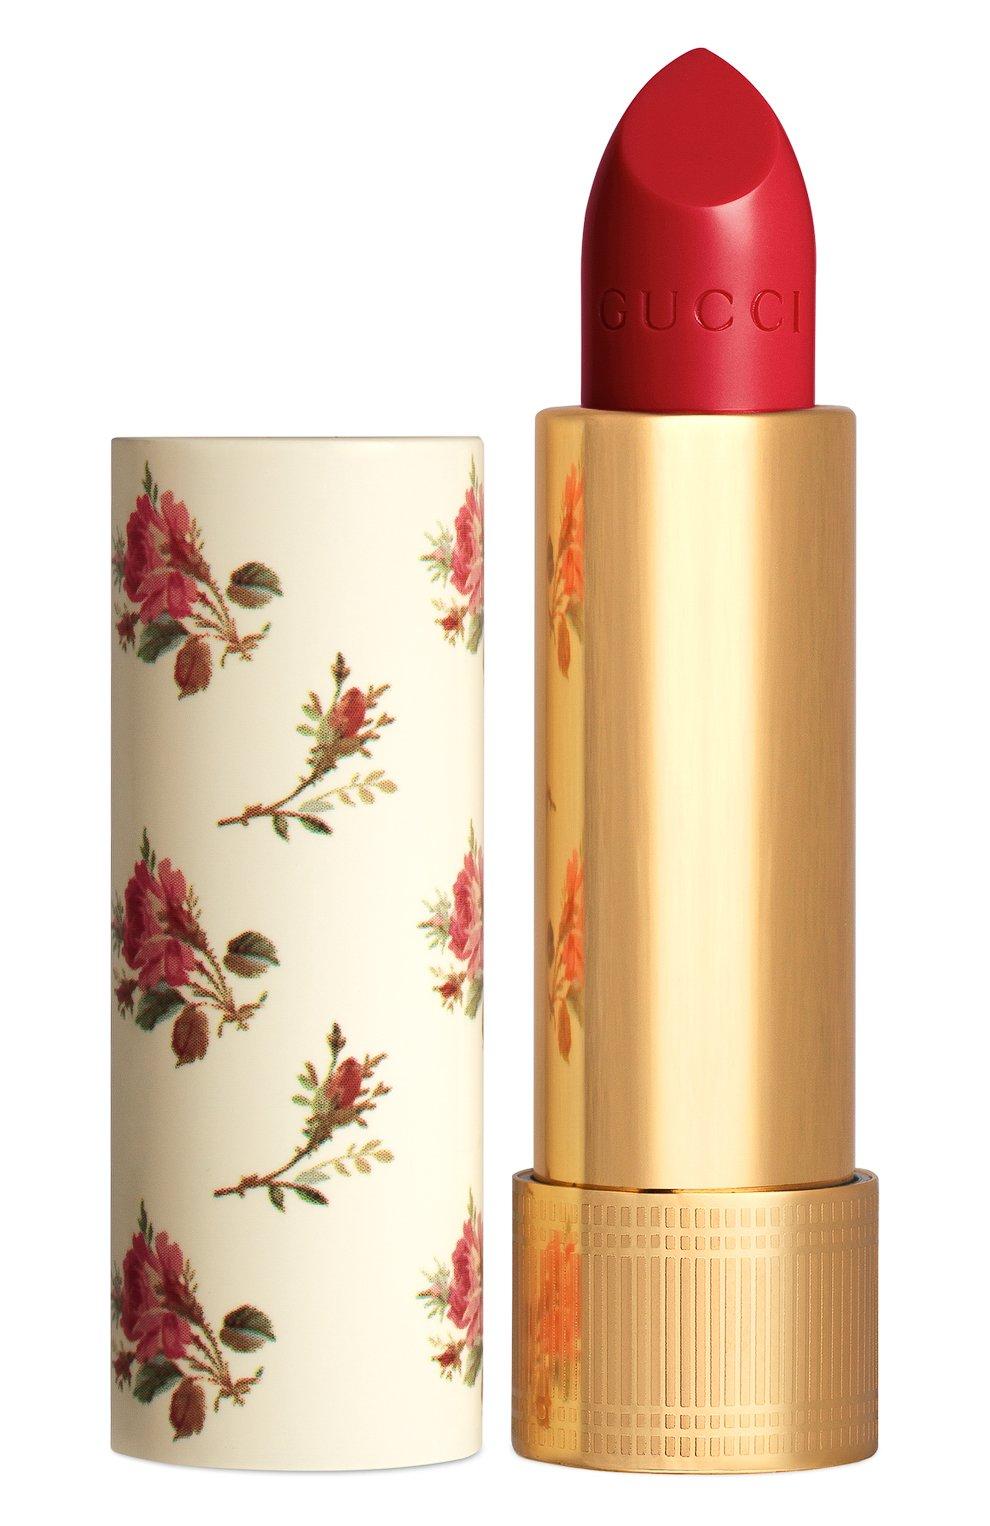 Женская увлажняющая помада с сиянием, 25 goldie red GUCCI бесцветного цвета, арт. 3614227749740   Фото 1